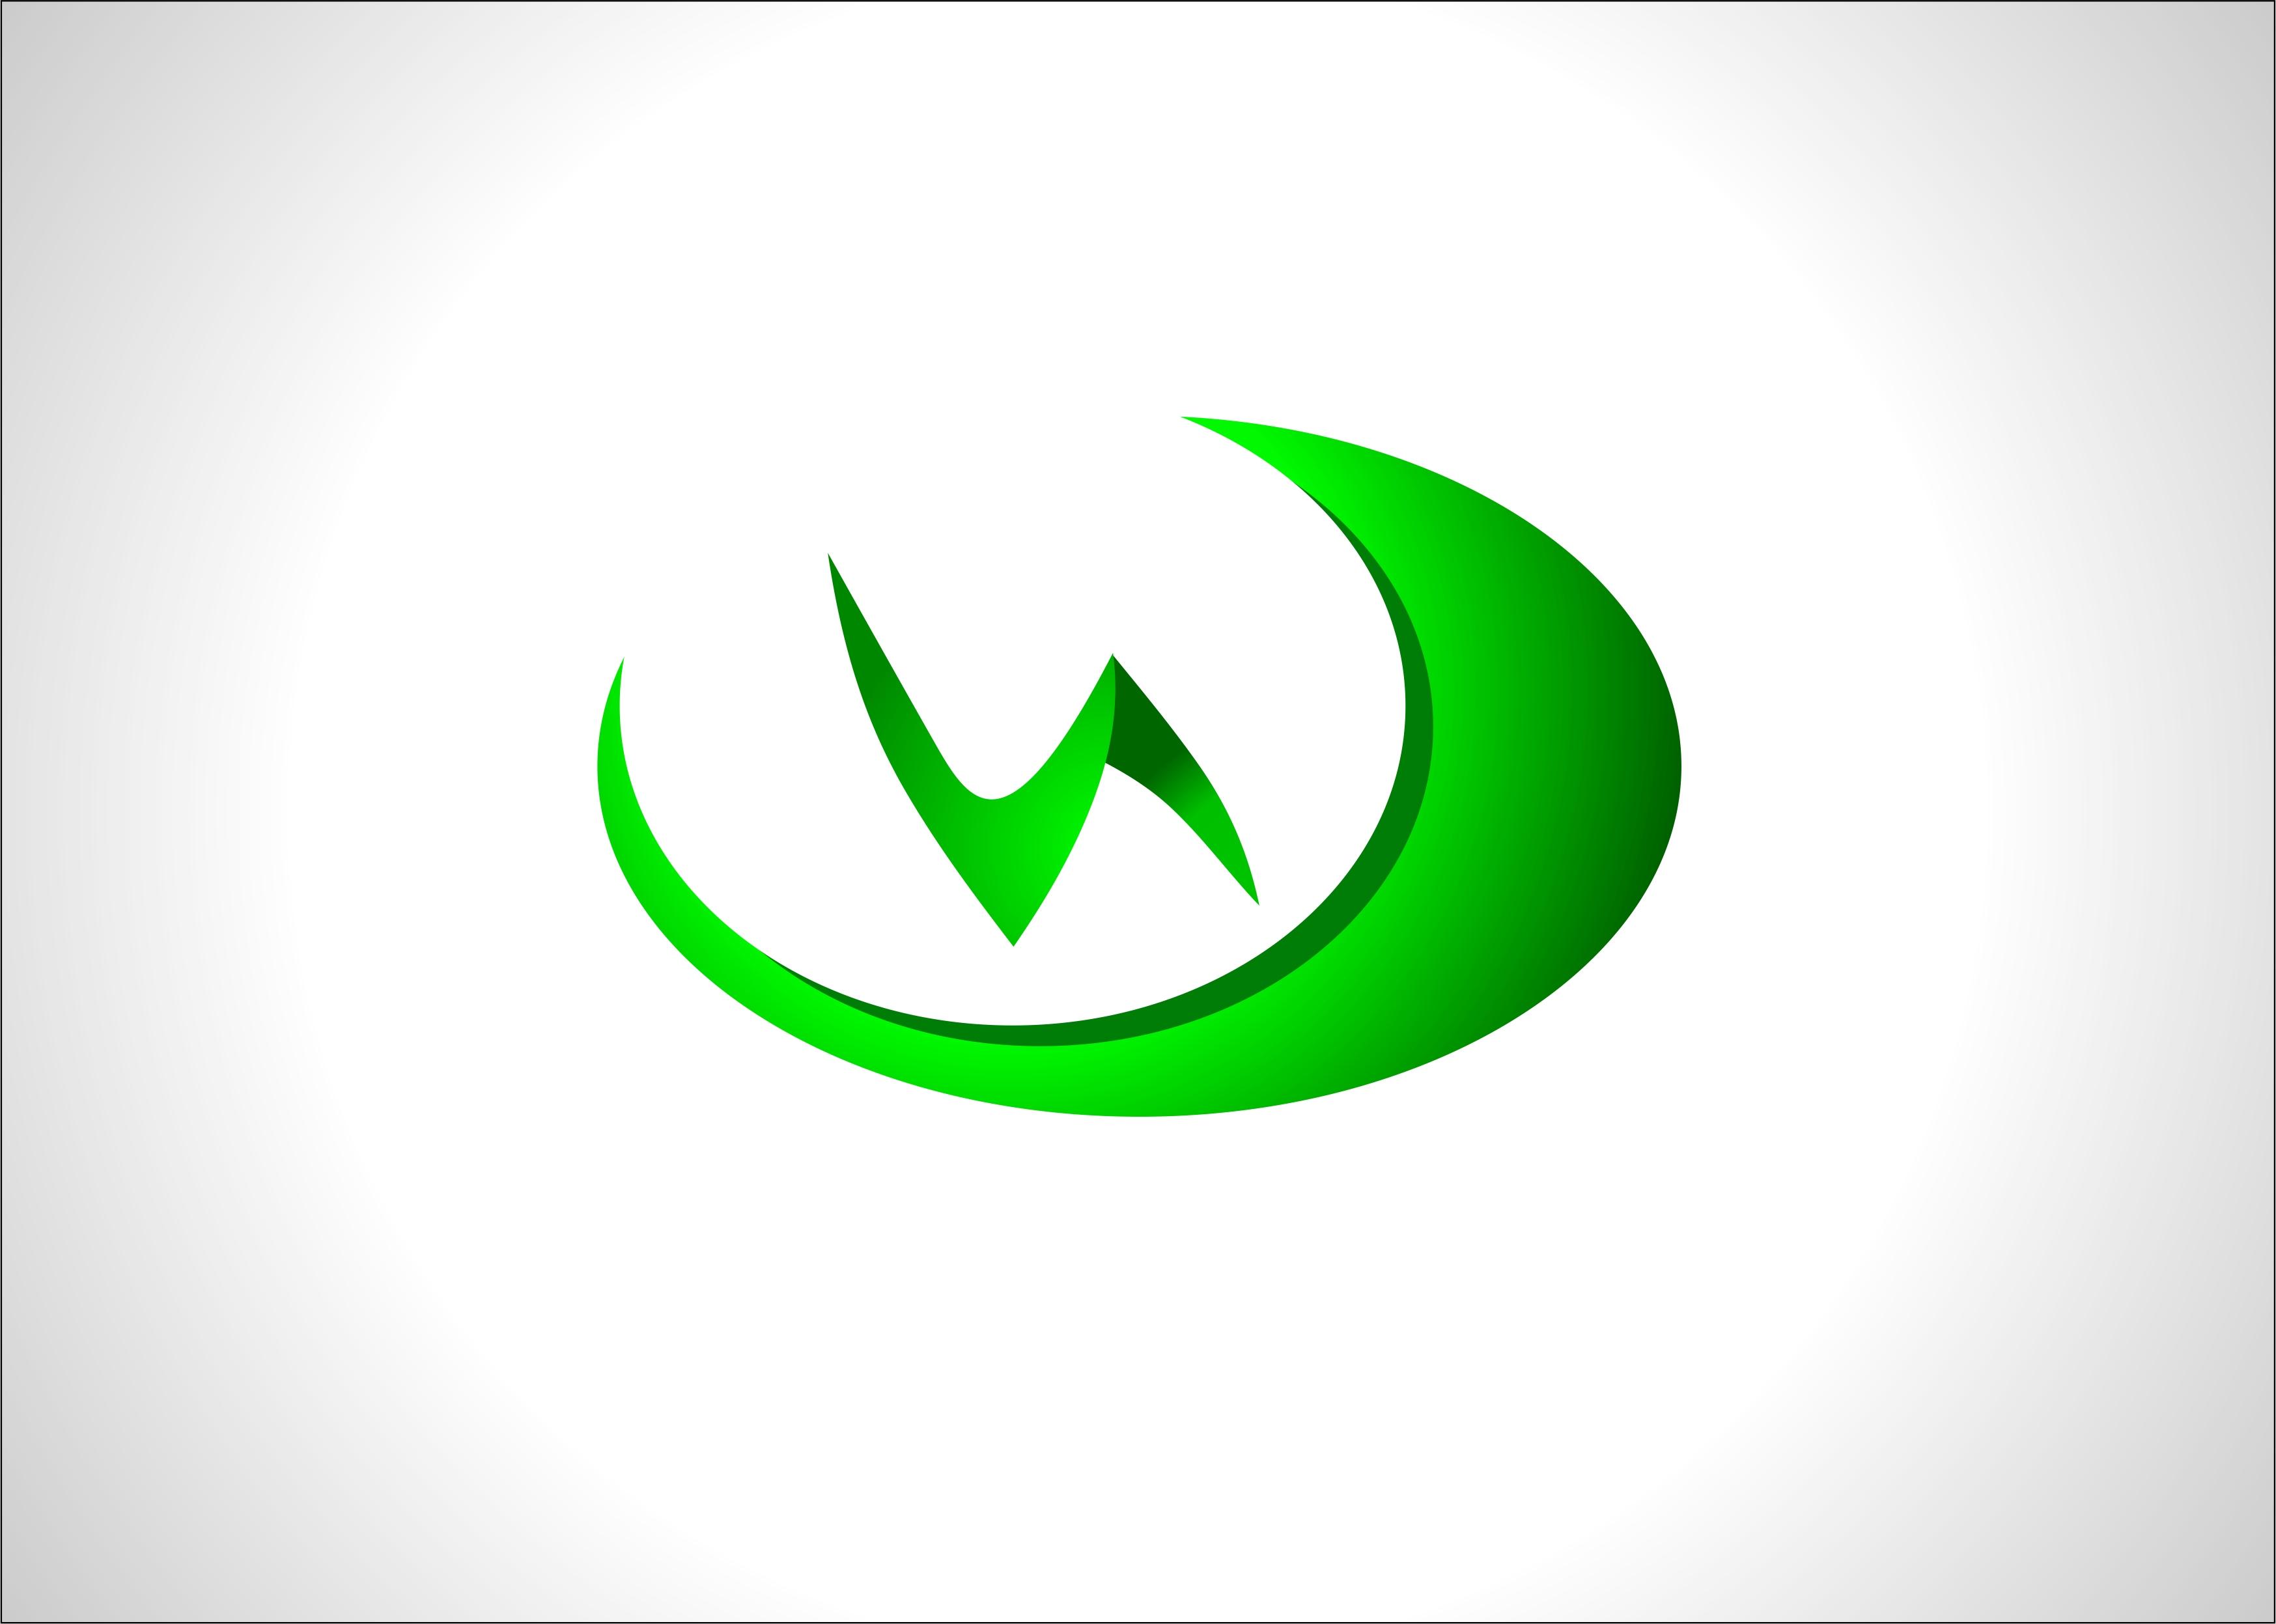 Логотип для инженерной компании фото f_72351cf325d1ab73.jpg